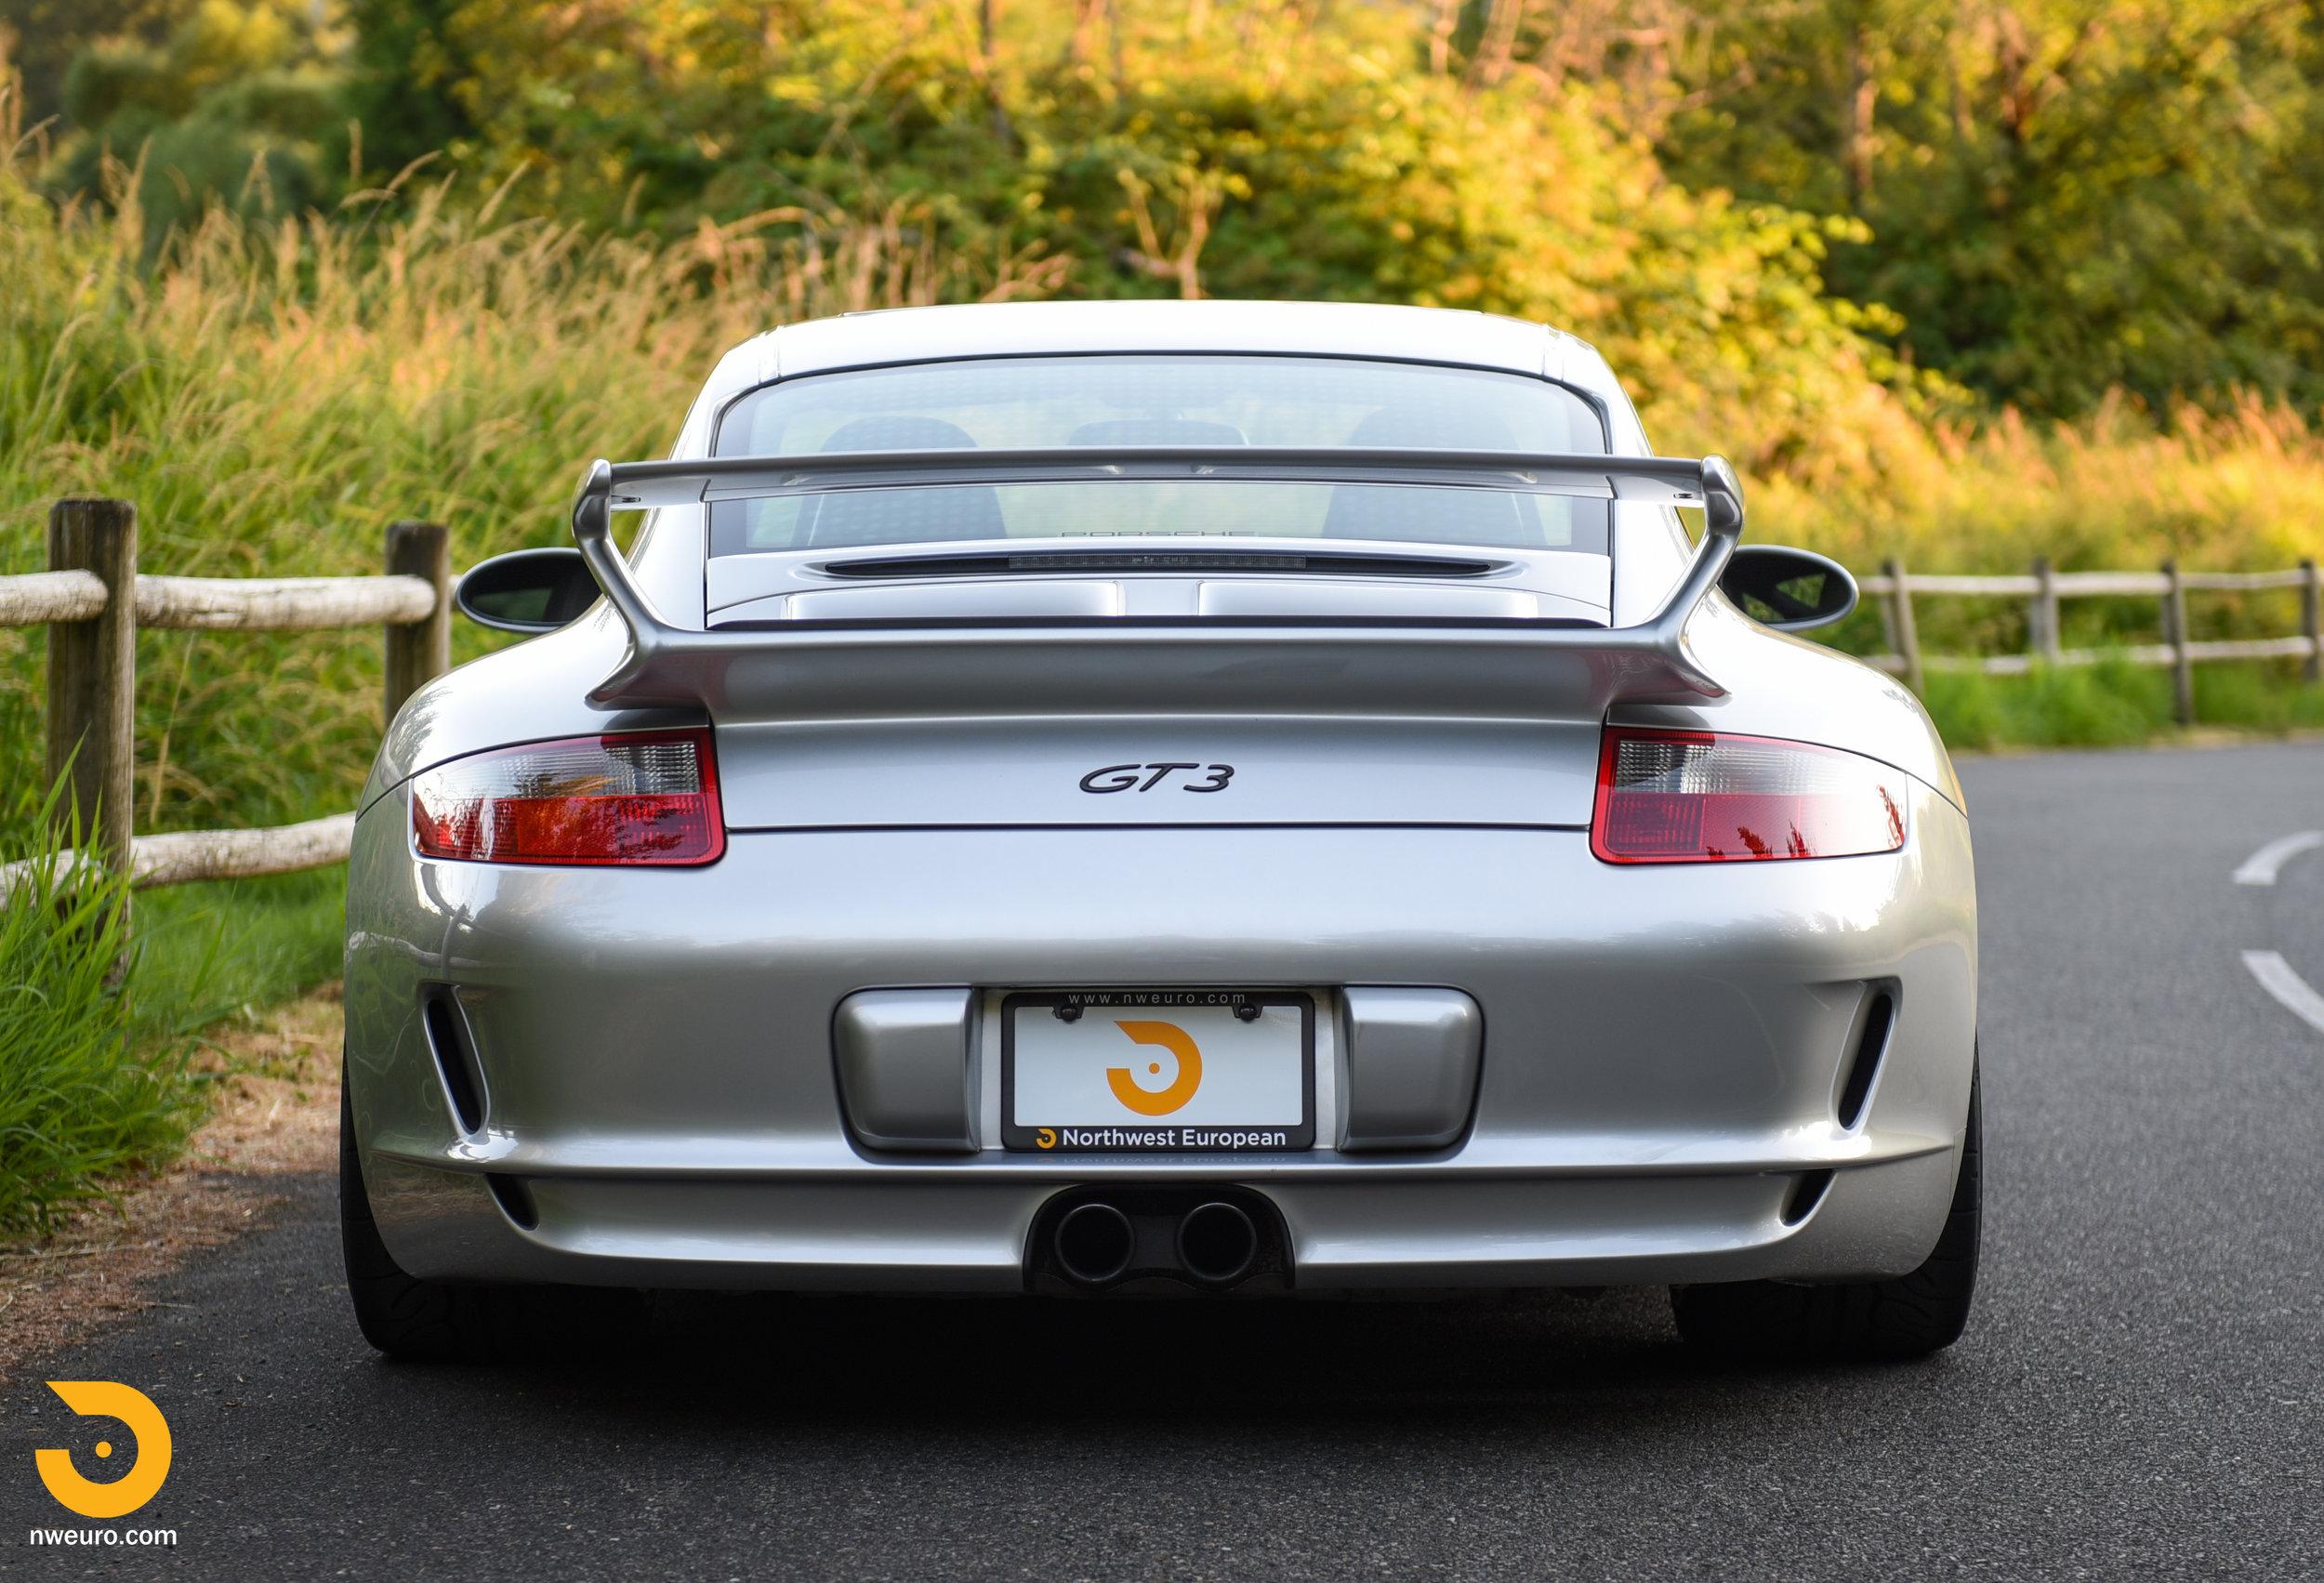 2007 Porsche GT3-29.jpg